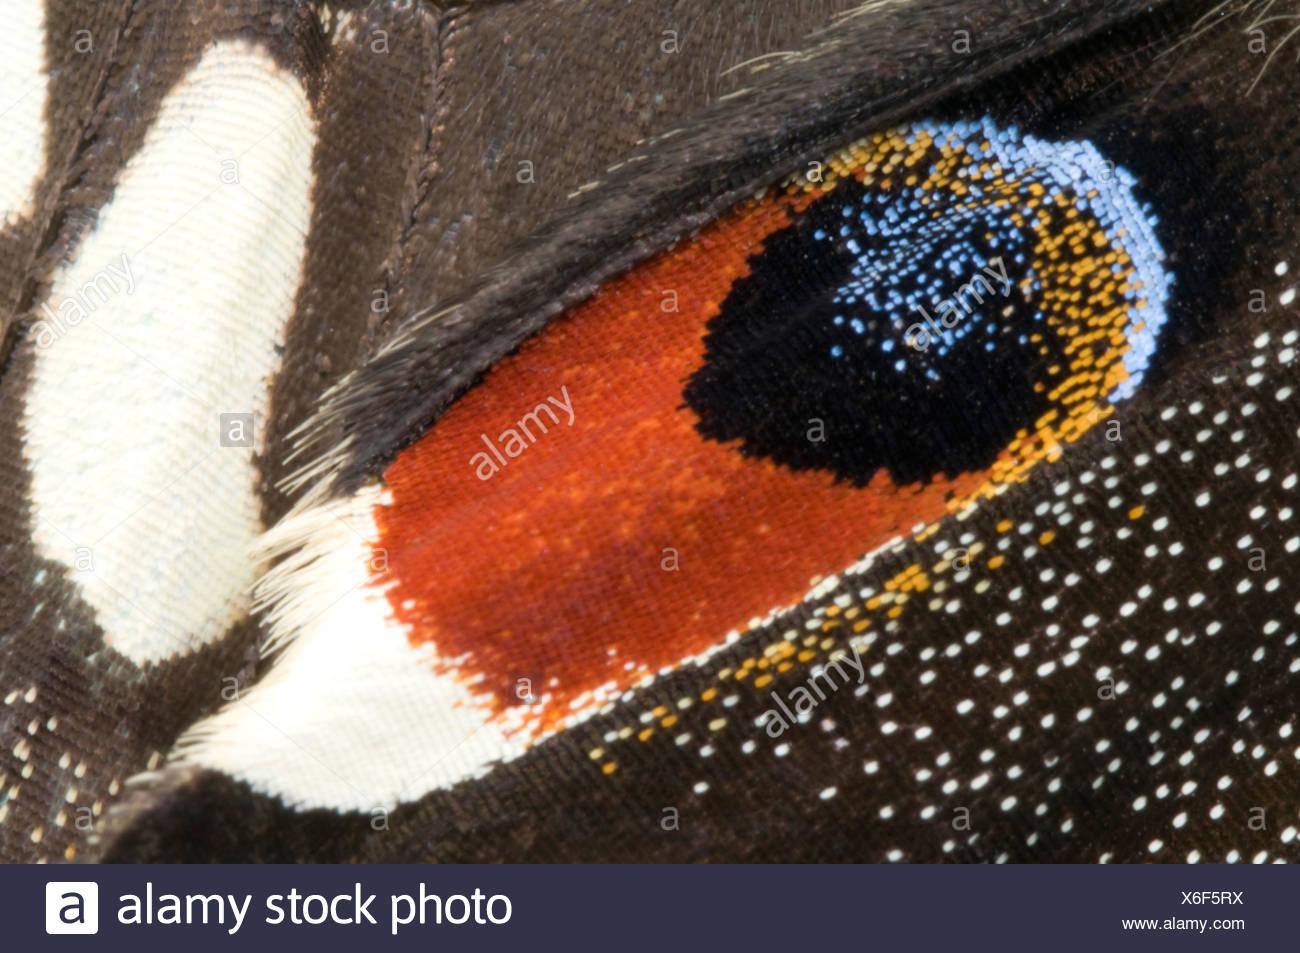 Lime a coda di rondine (farfalla Papilio demoleus). Macro immagine astratta di eye-spot marcature. Immagini Stock